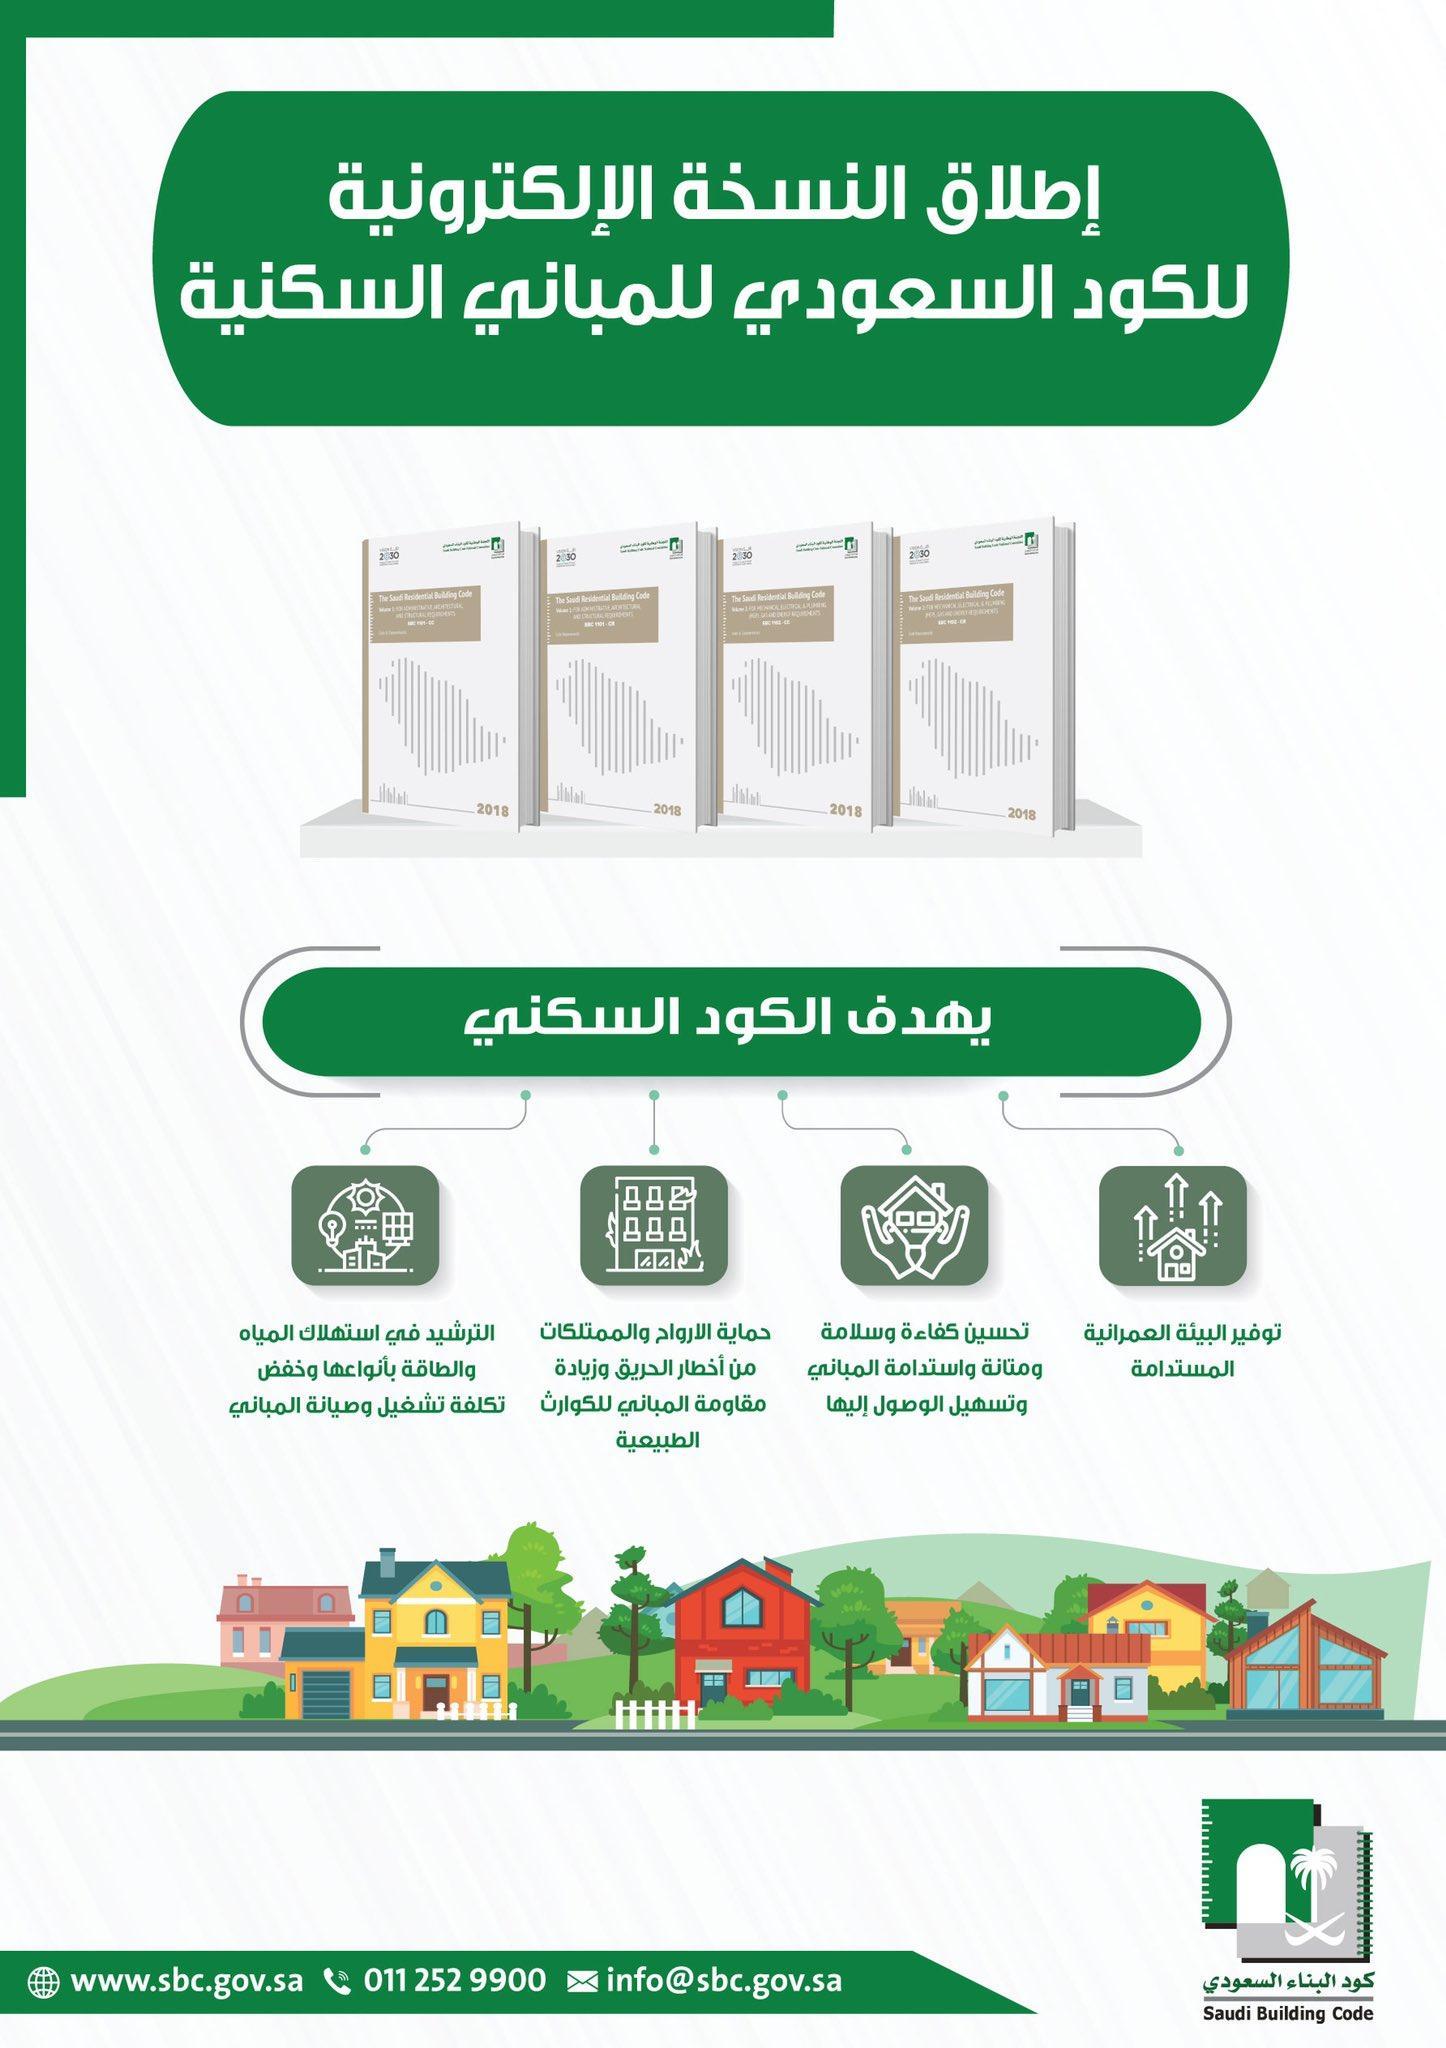 رسمياً : الاعلان عن كود البناء السعودي الجديد